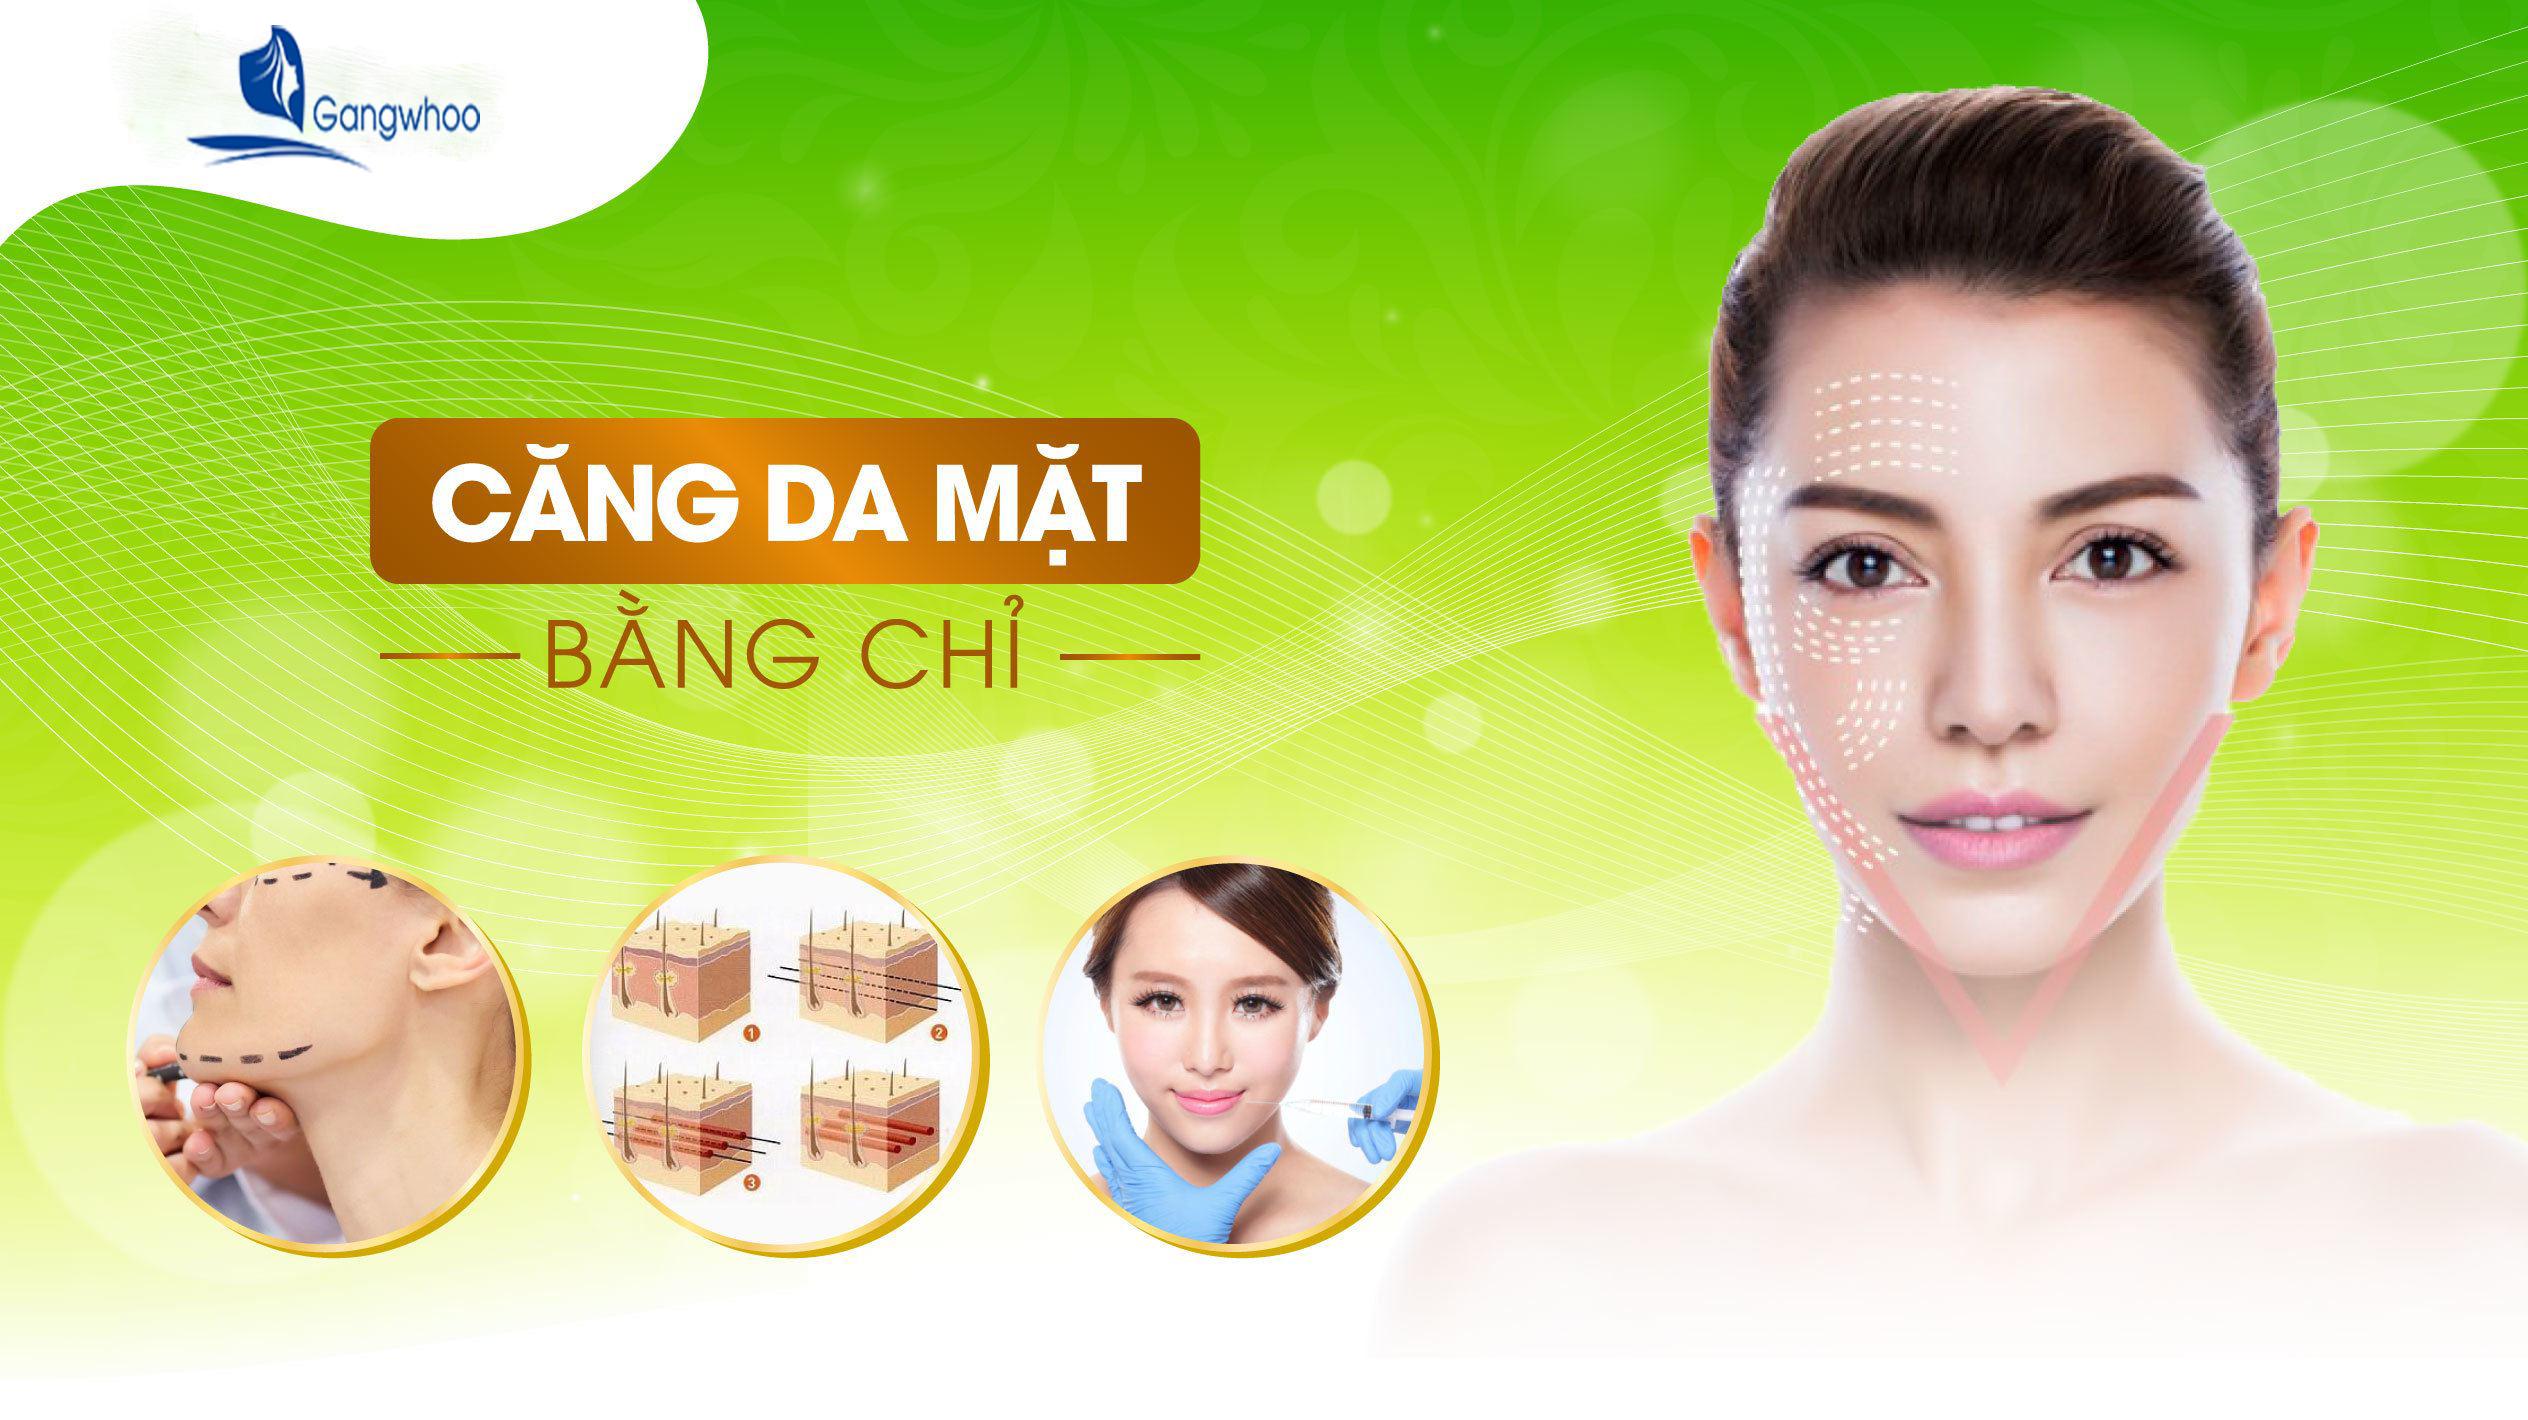 Căng Da Mặt Bằng Chỉ Collagen Bao Nhiêu Tiền? 1